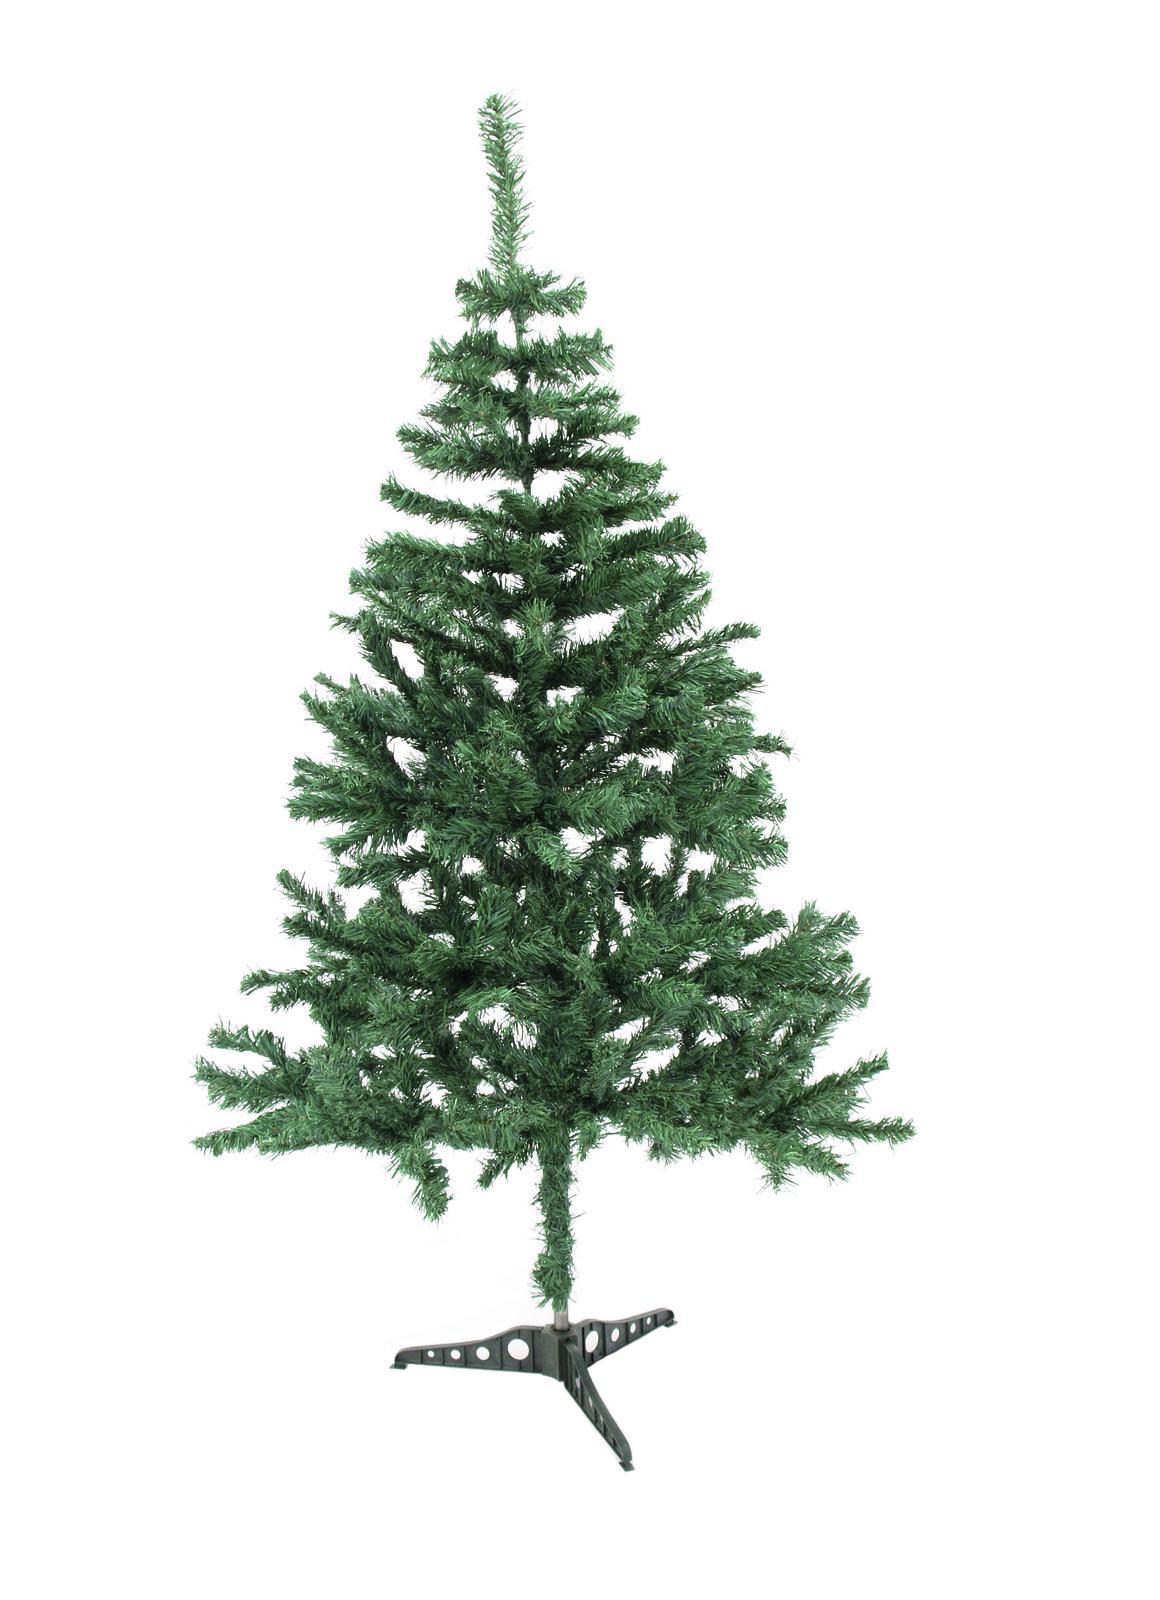 Alberi Di Natale Finti.Albero Di Natale Finto Artificiale 210cm Con Base Piante Finte Fiori Artificiali Fedeli Al Dettaglio Piante Finte Com